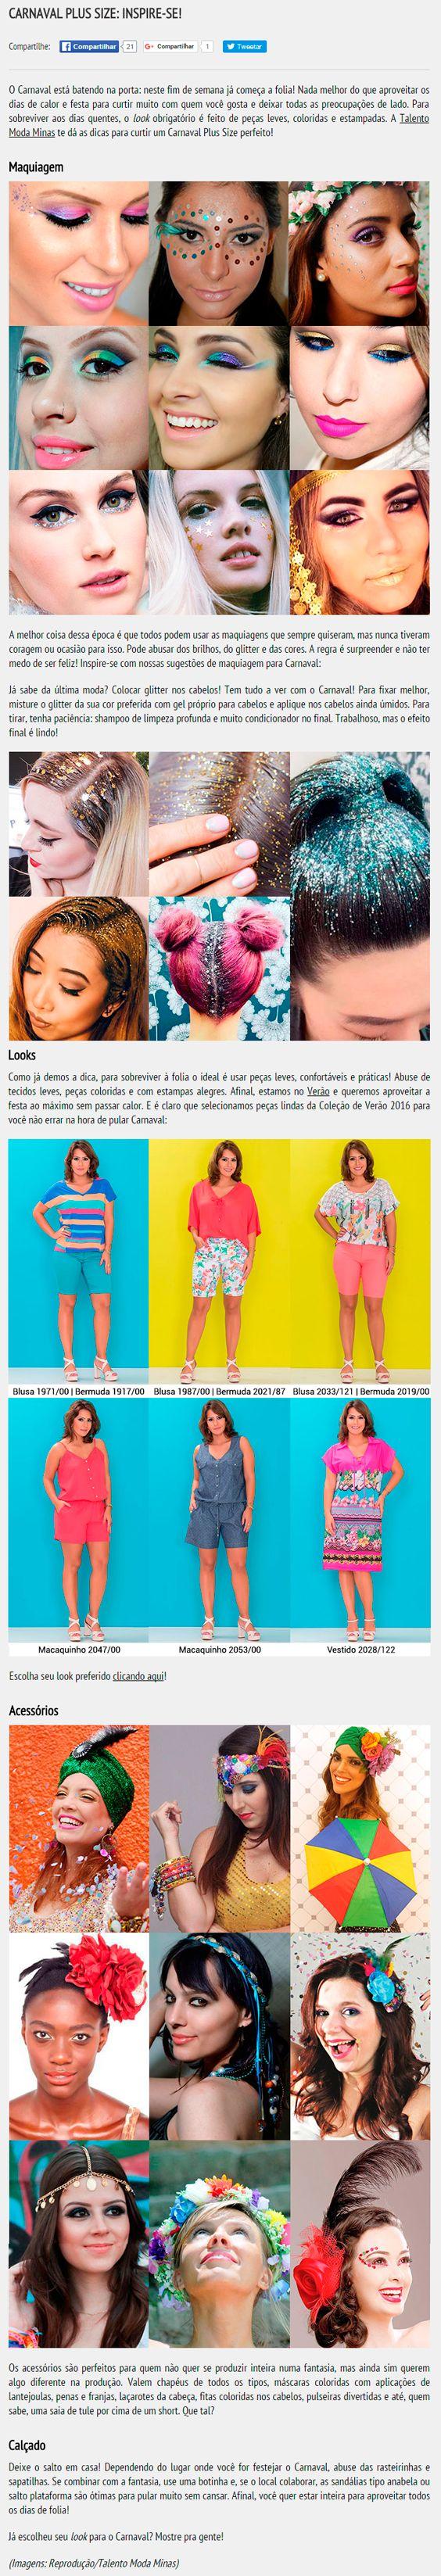 Criação de conteúdo para blog de moda plus size